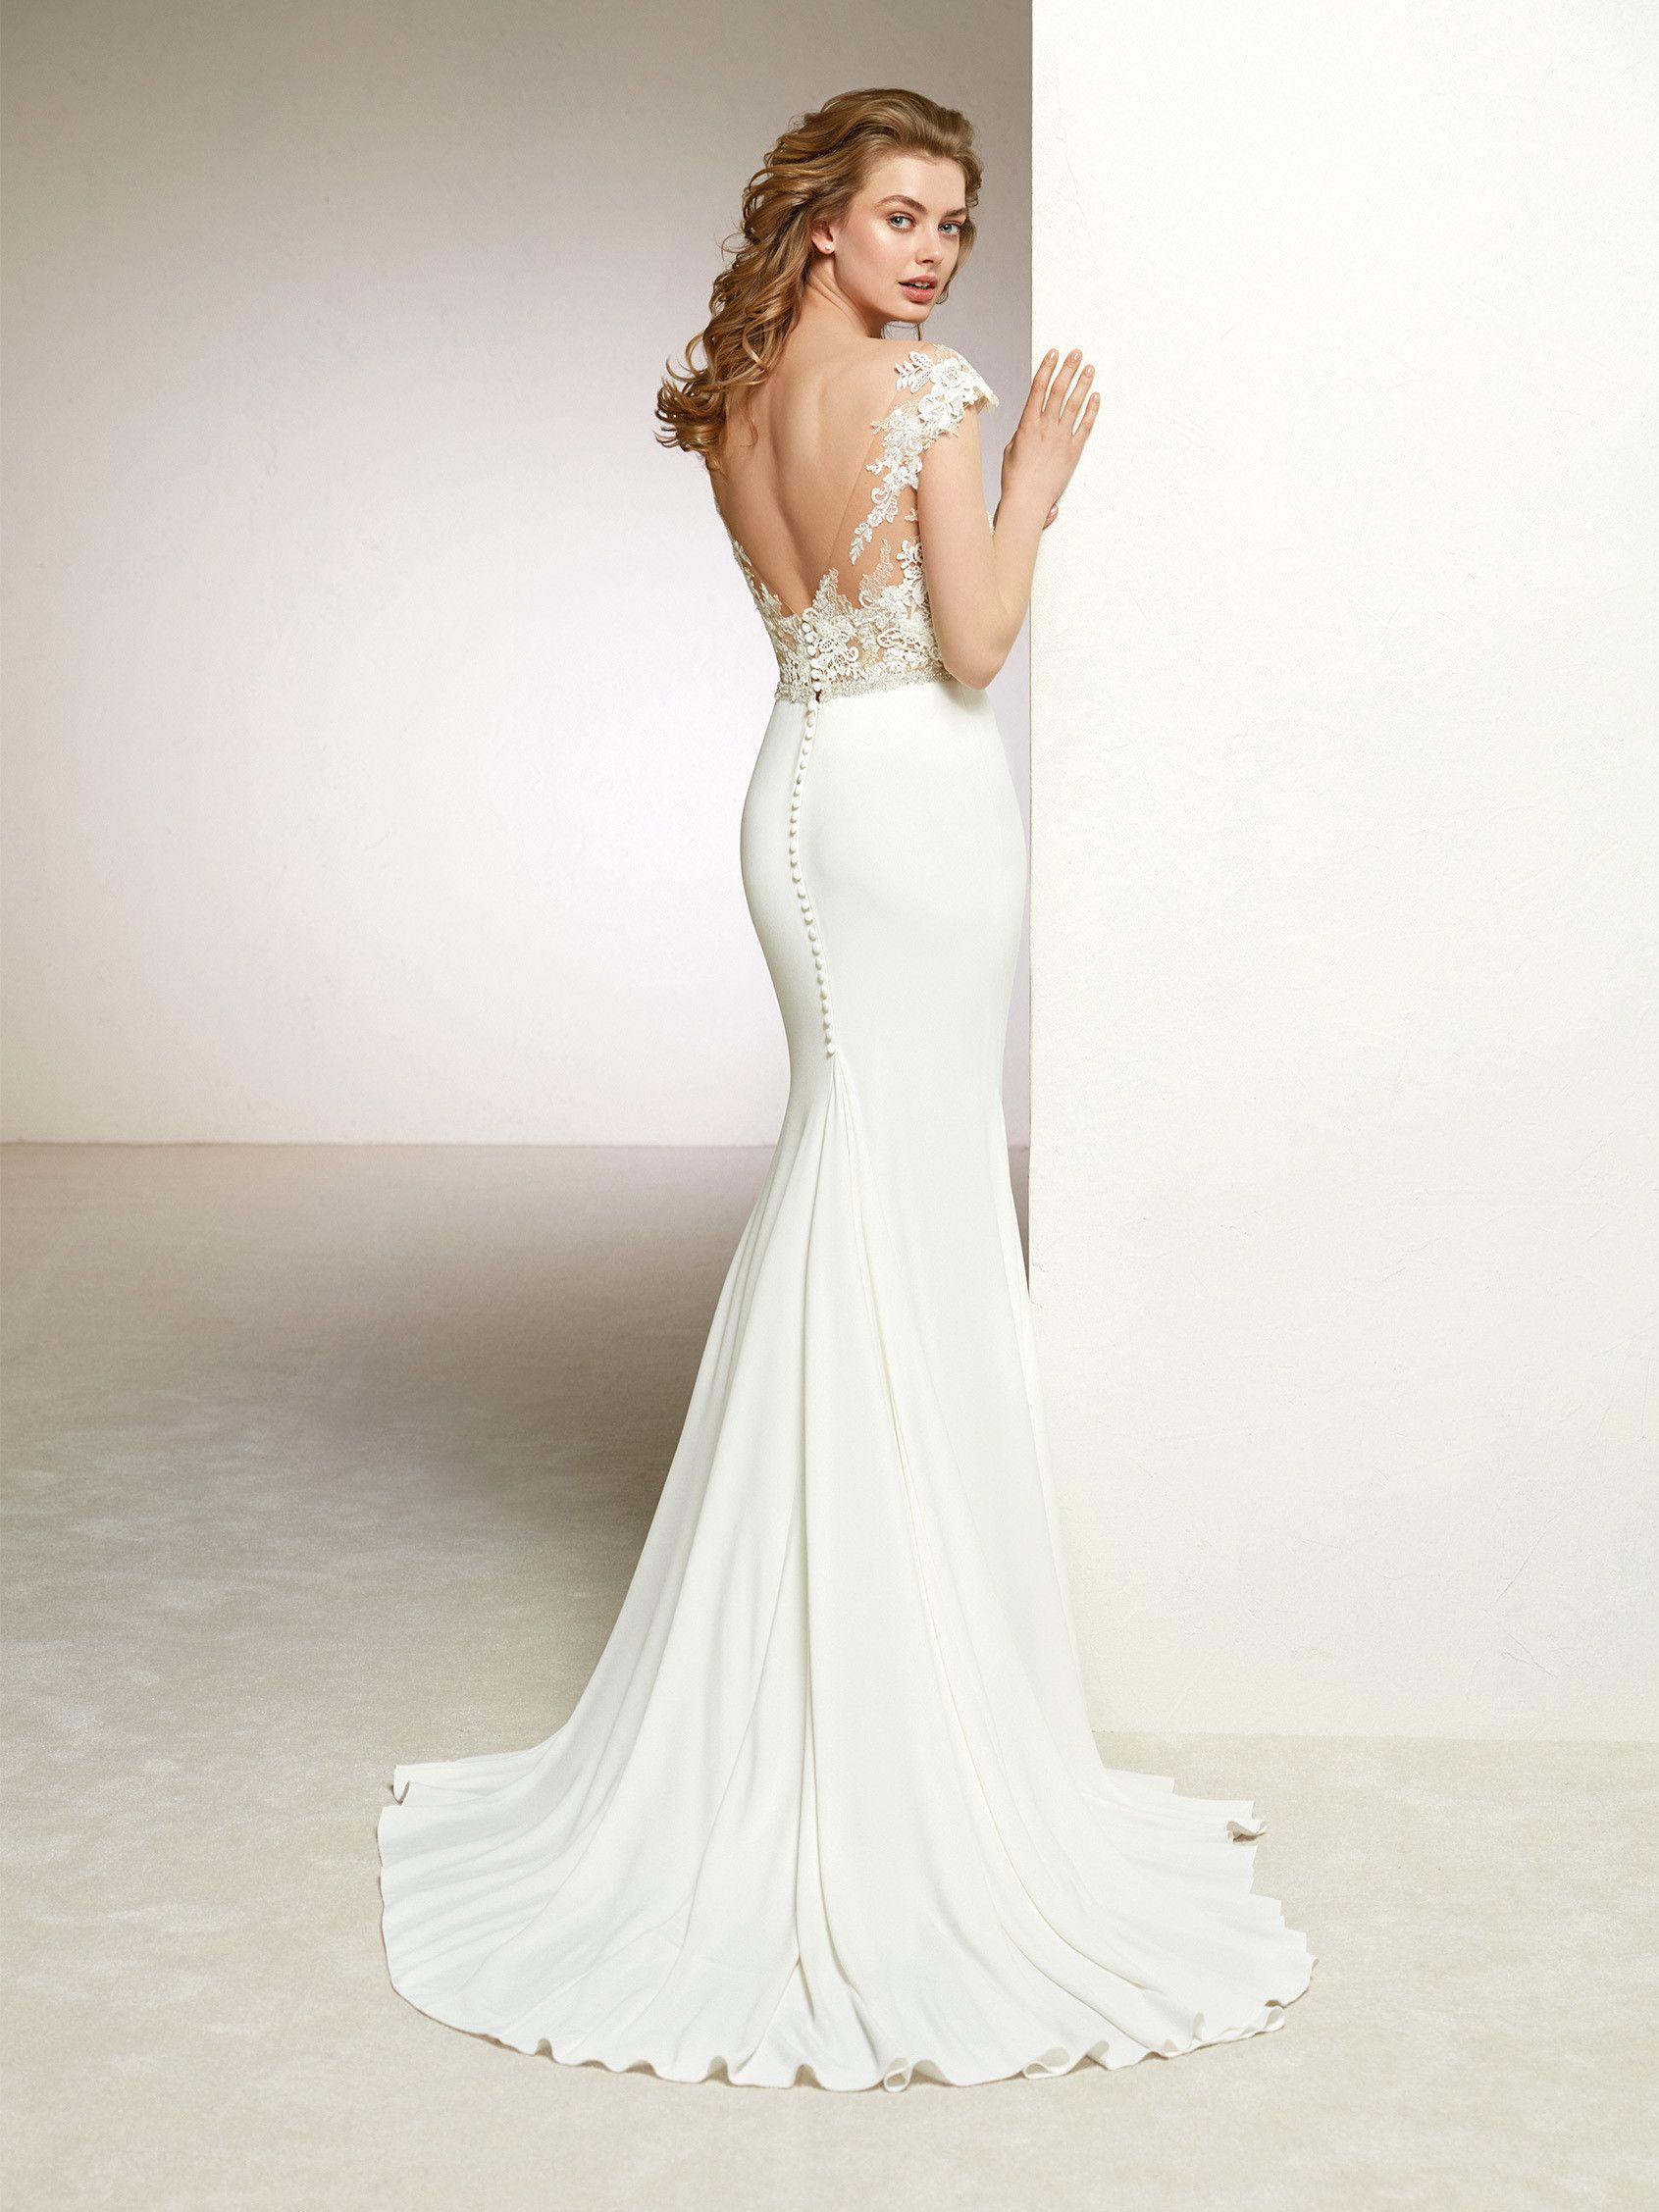 c70e98f7c7a4 Pronovias: Danka | Pronovias | Wedding dresses, Elegant wedding ...